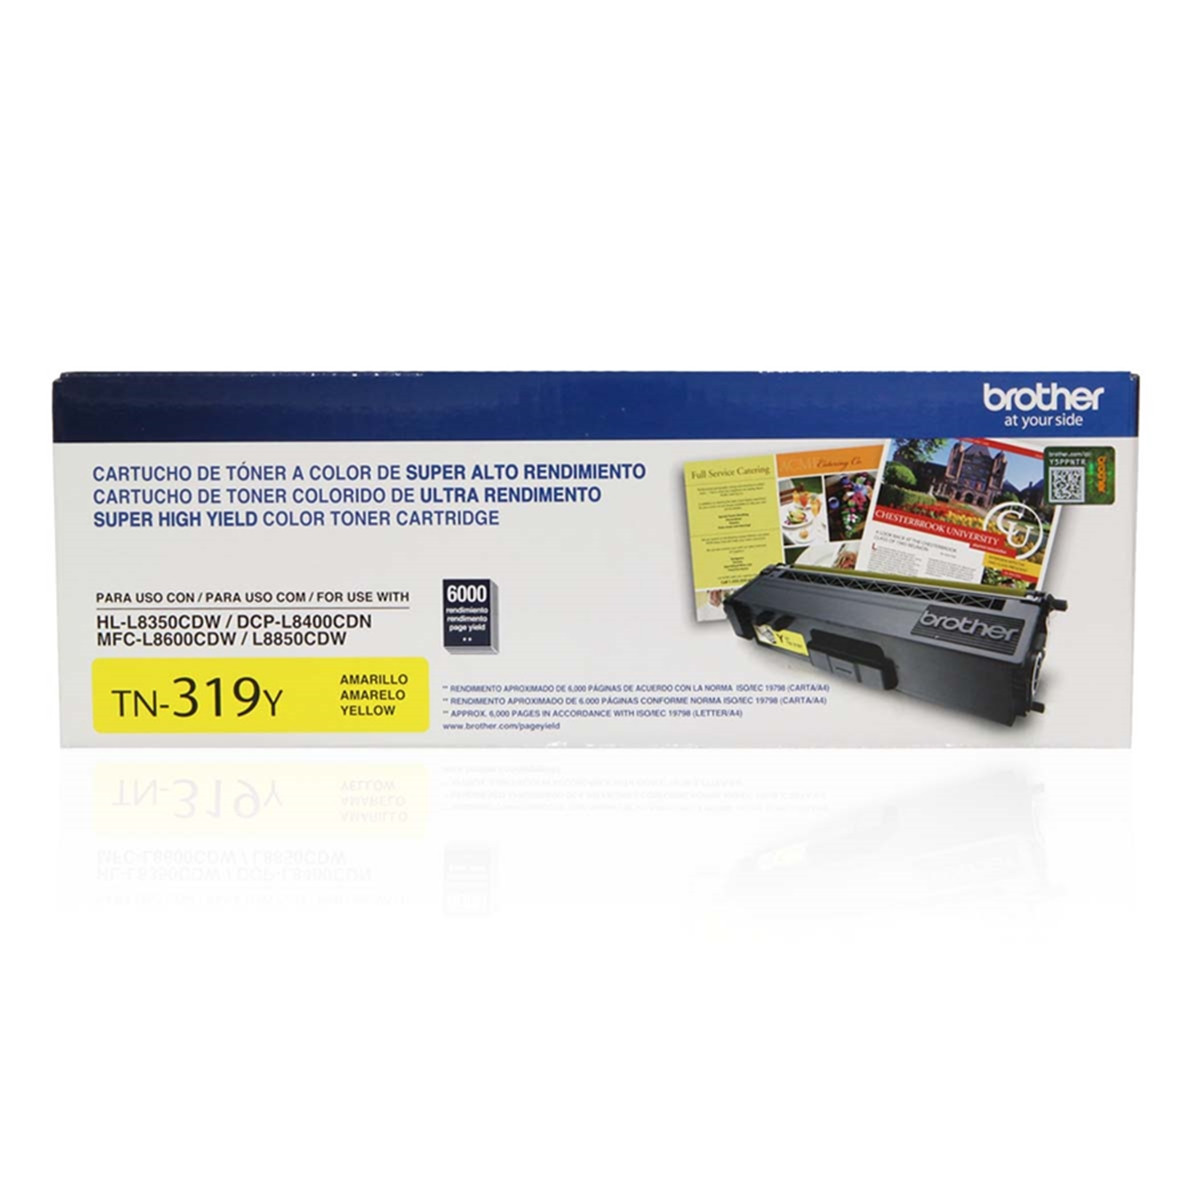 Toner Brother TN-319Y TN319 Amarelo | HL-L8350CDW DCP-L8400CDN MFC-L8600CDW | Original